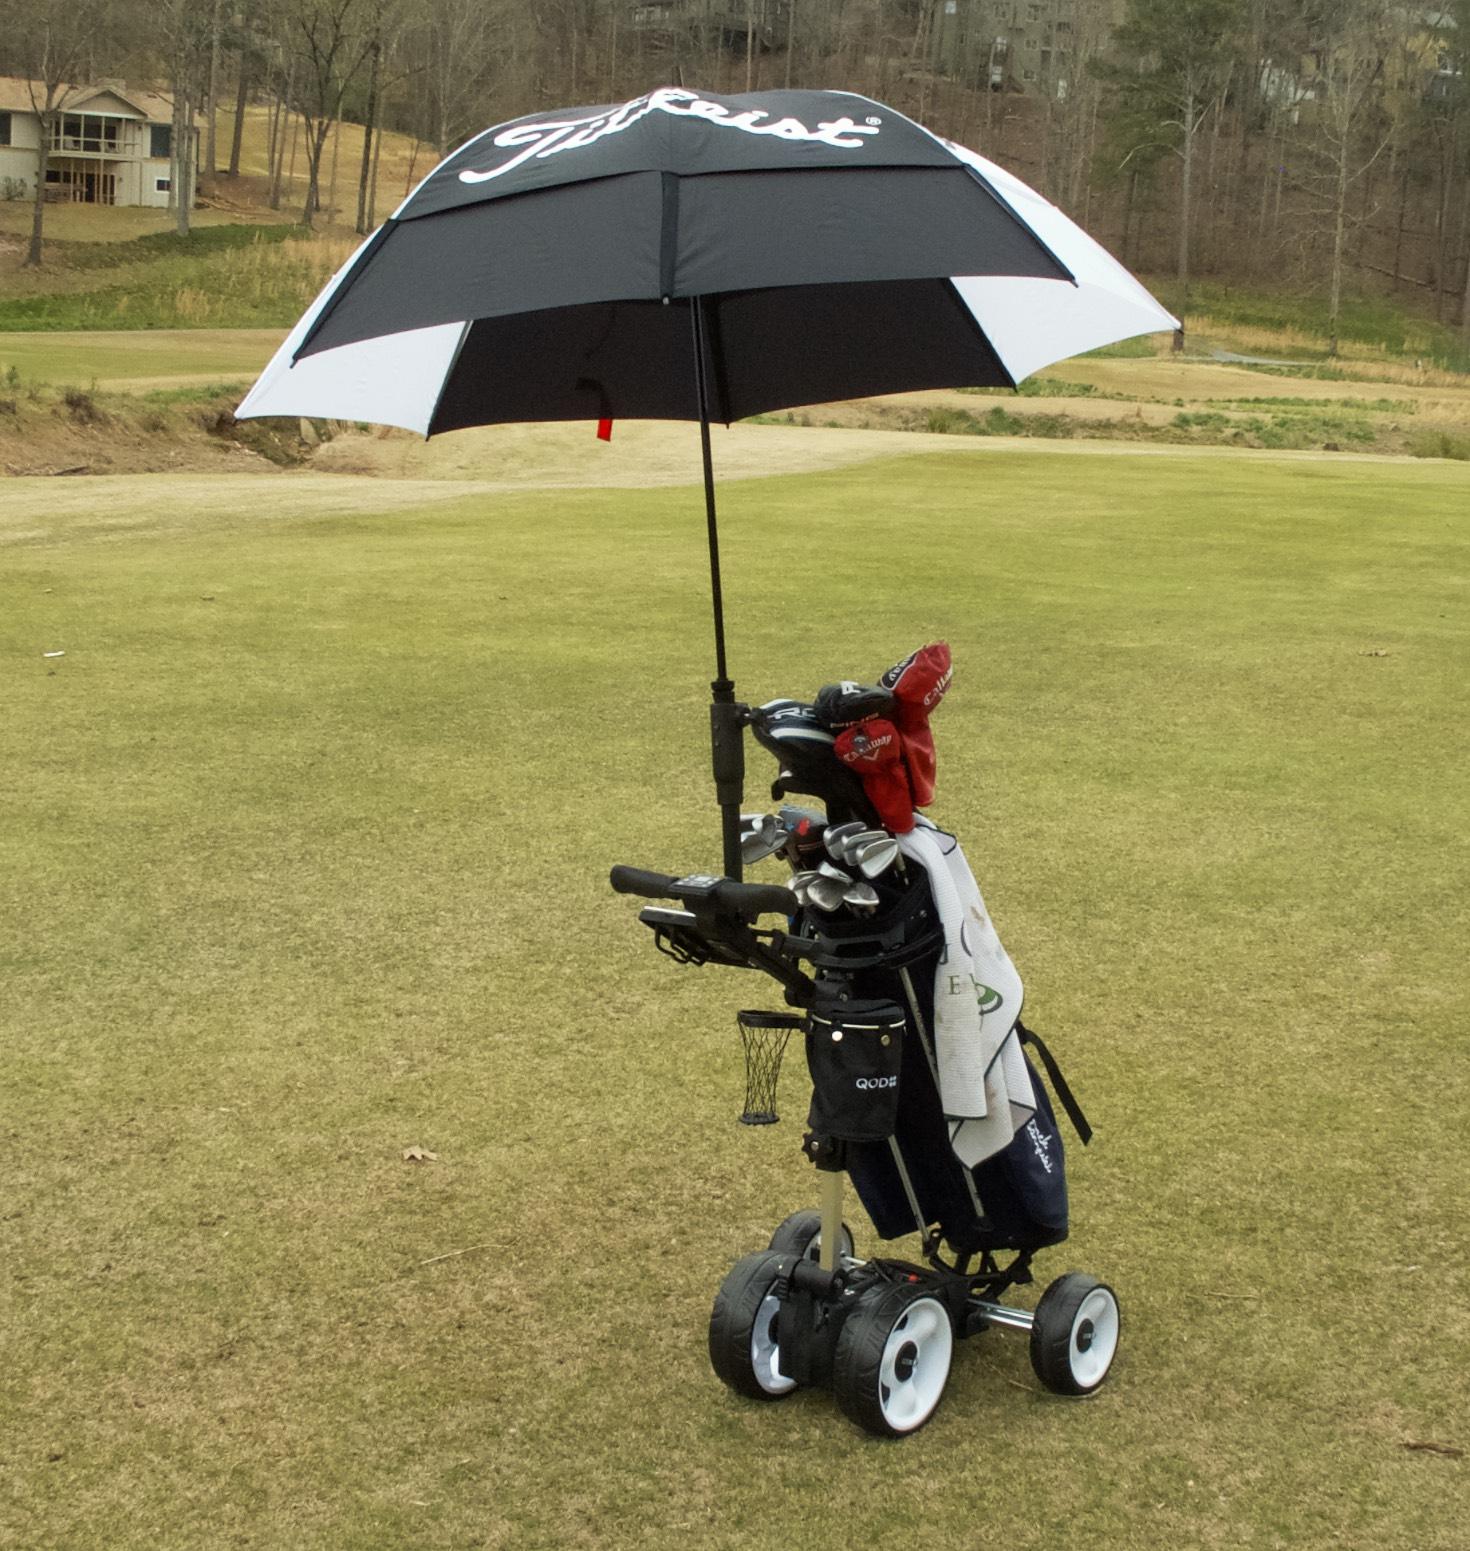 Umbrella Stand Golf: QOD Electric Golf Cart Review (Accessories, Hot Topics